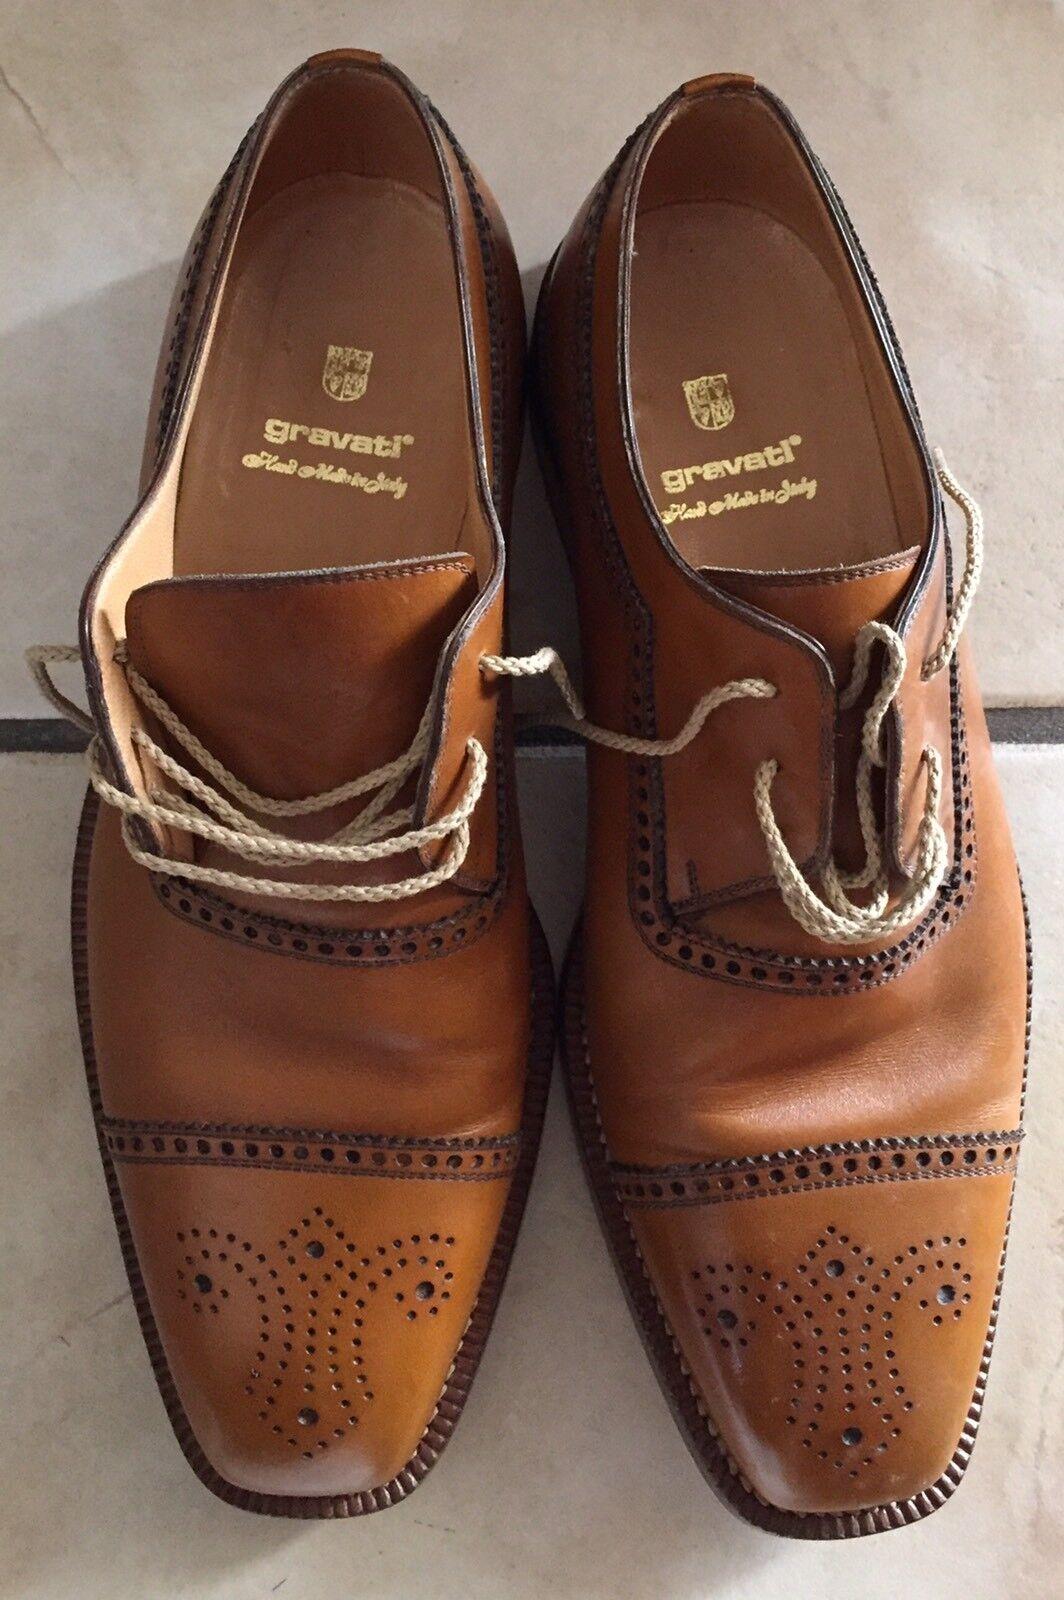 il più alla moda Scarpe Uomo Gravati Tg 9 1 1 1 2 Numero 44  edizione limitata a caldo